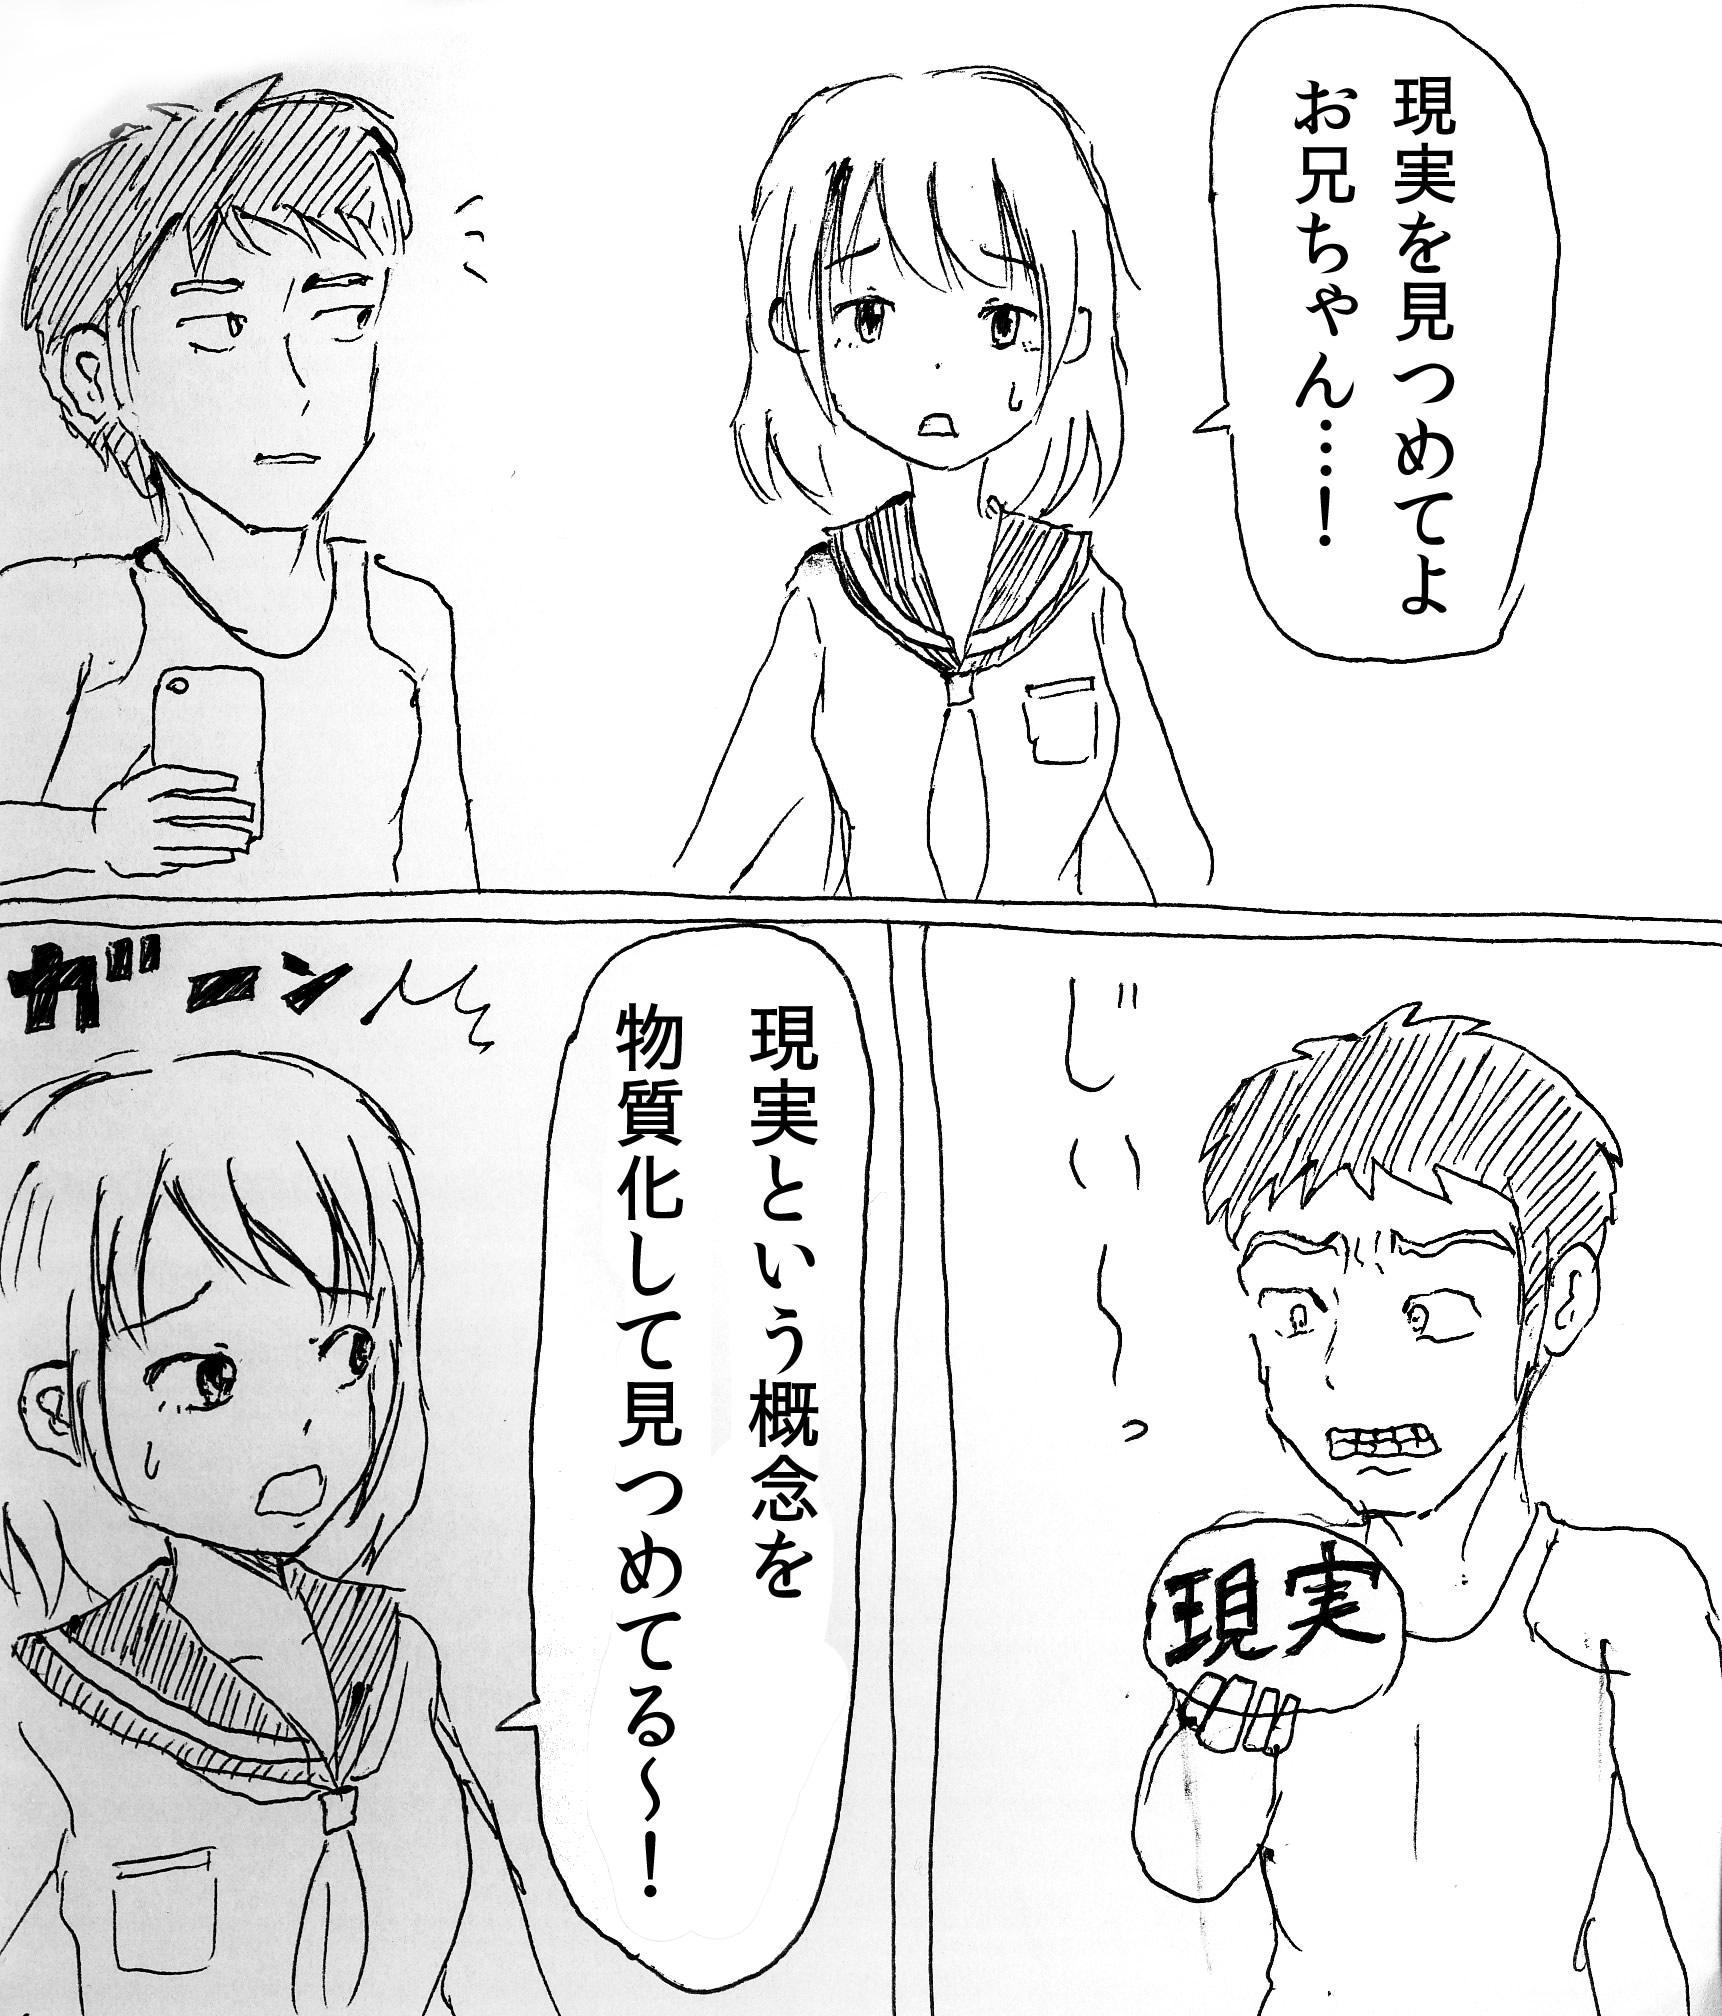 漫画「現実」